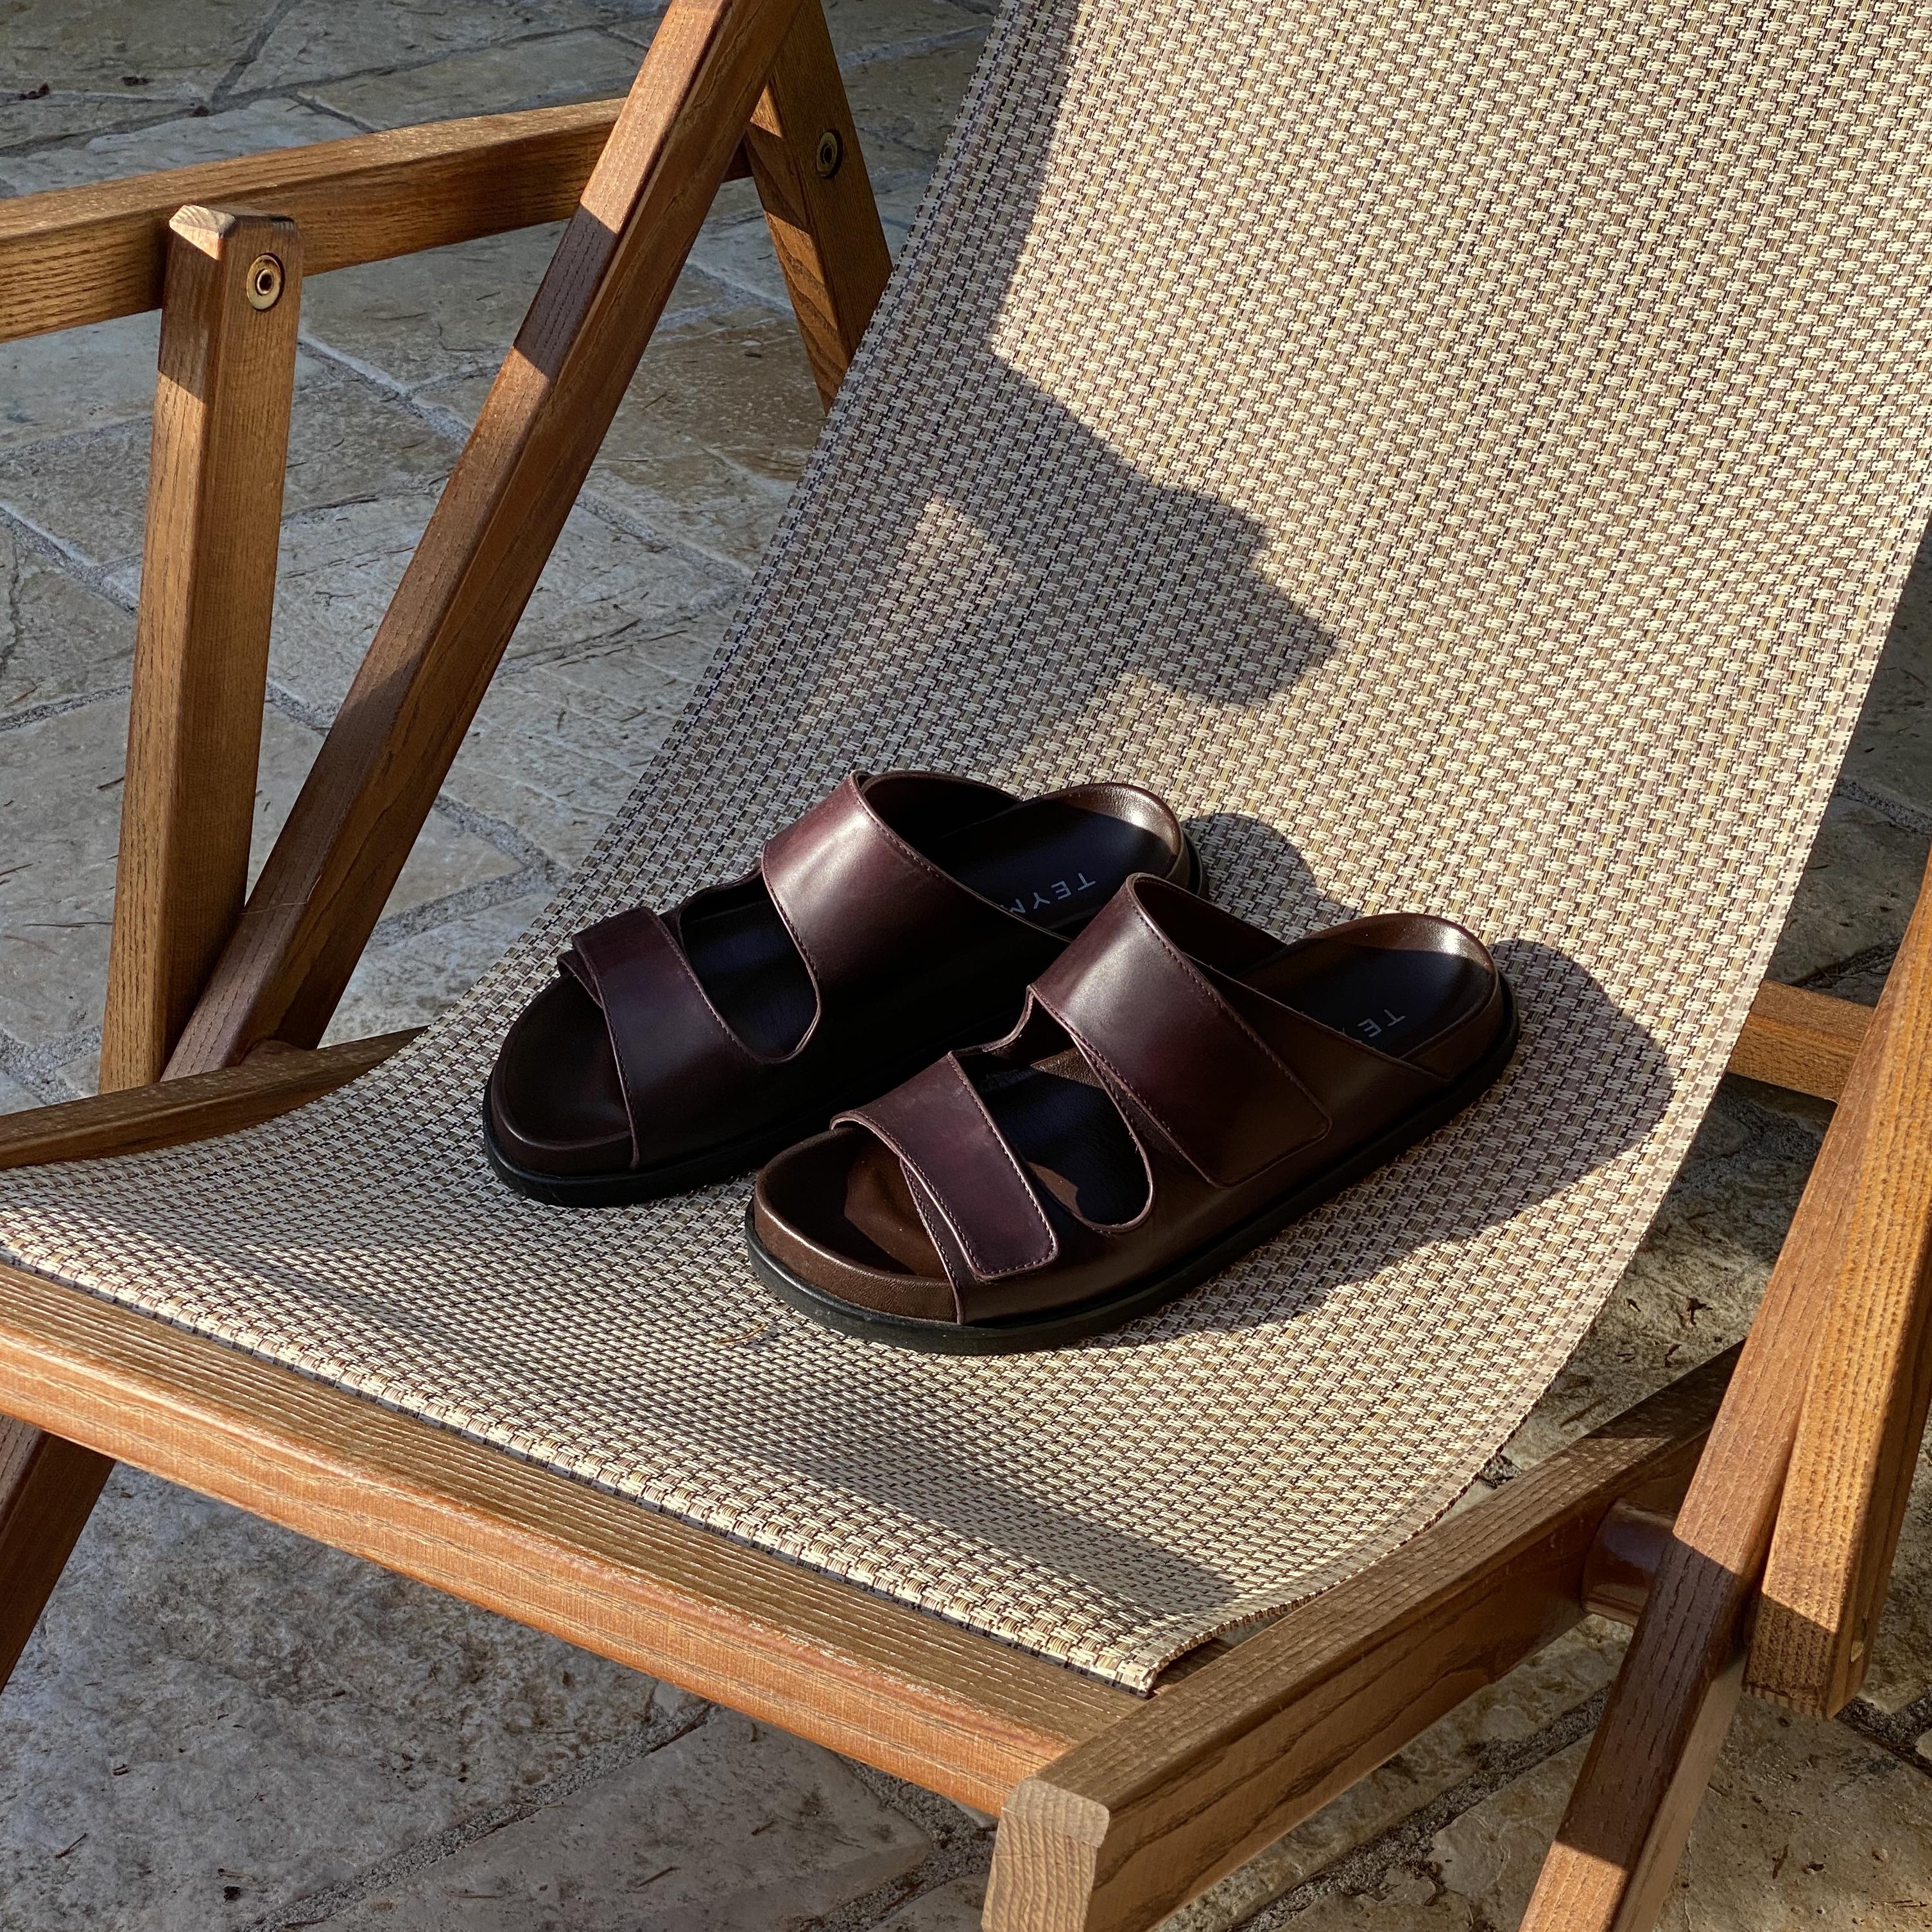 Teym - The Sandal - Instagram - 5